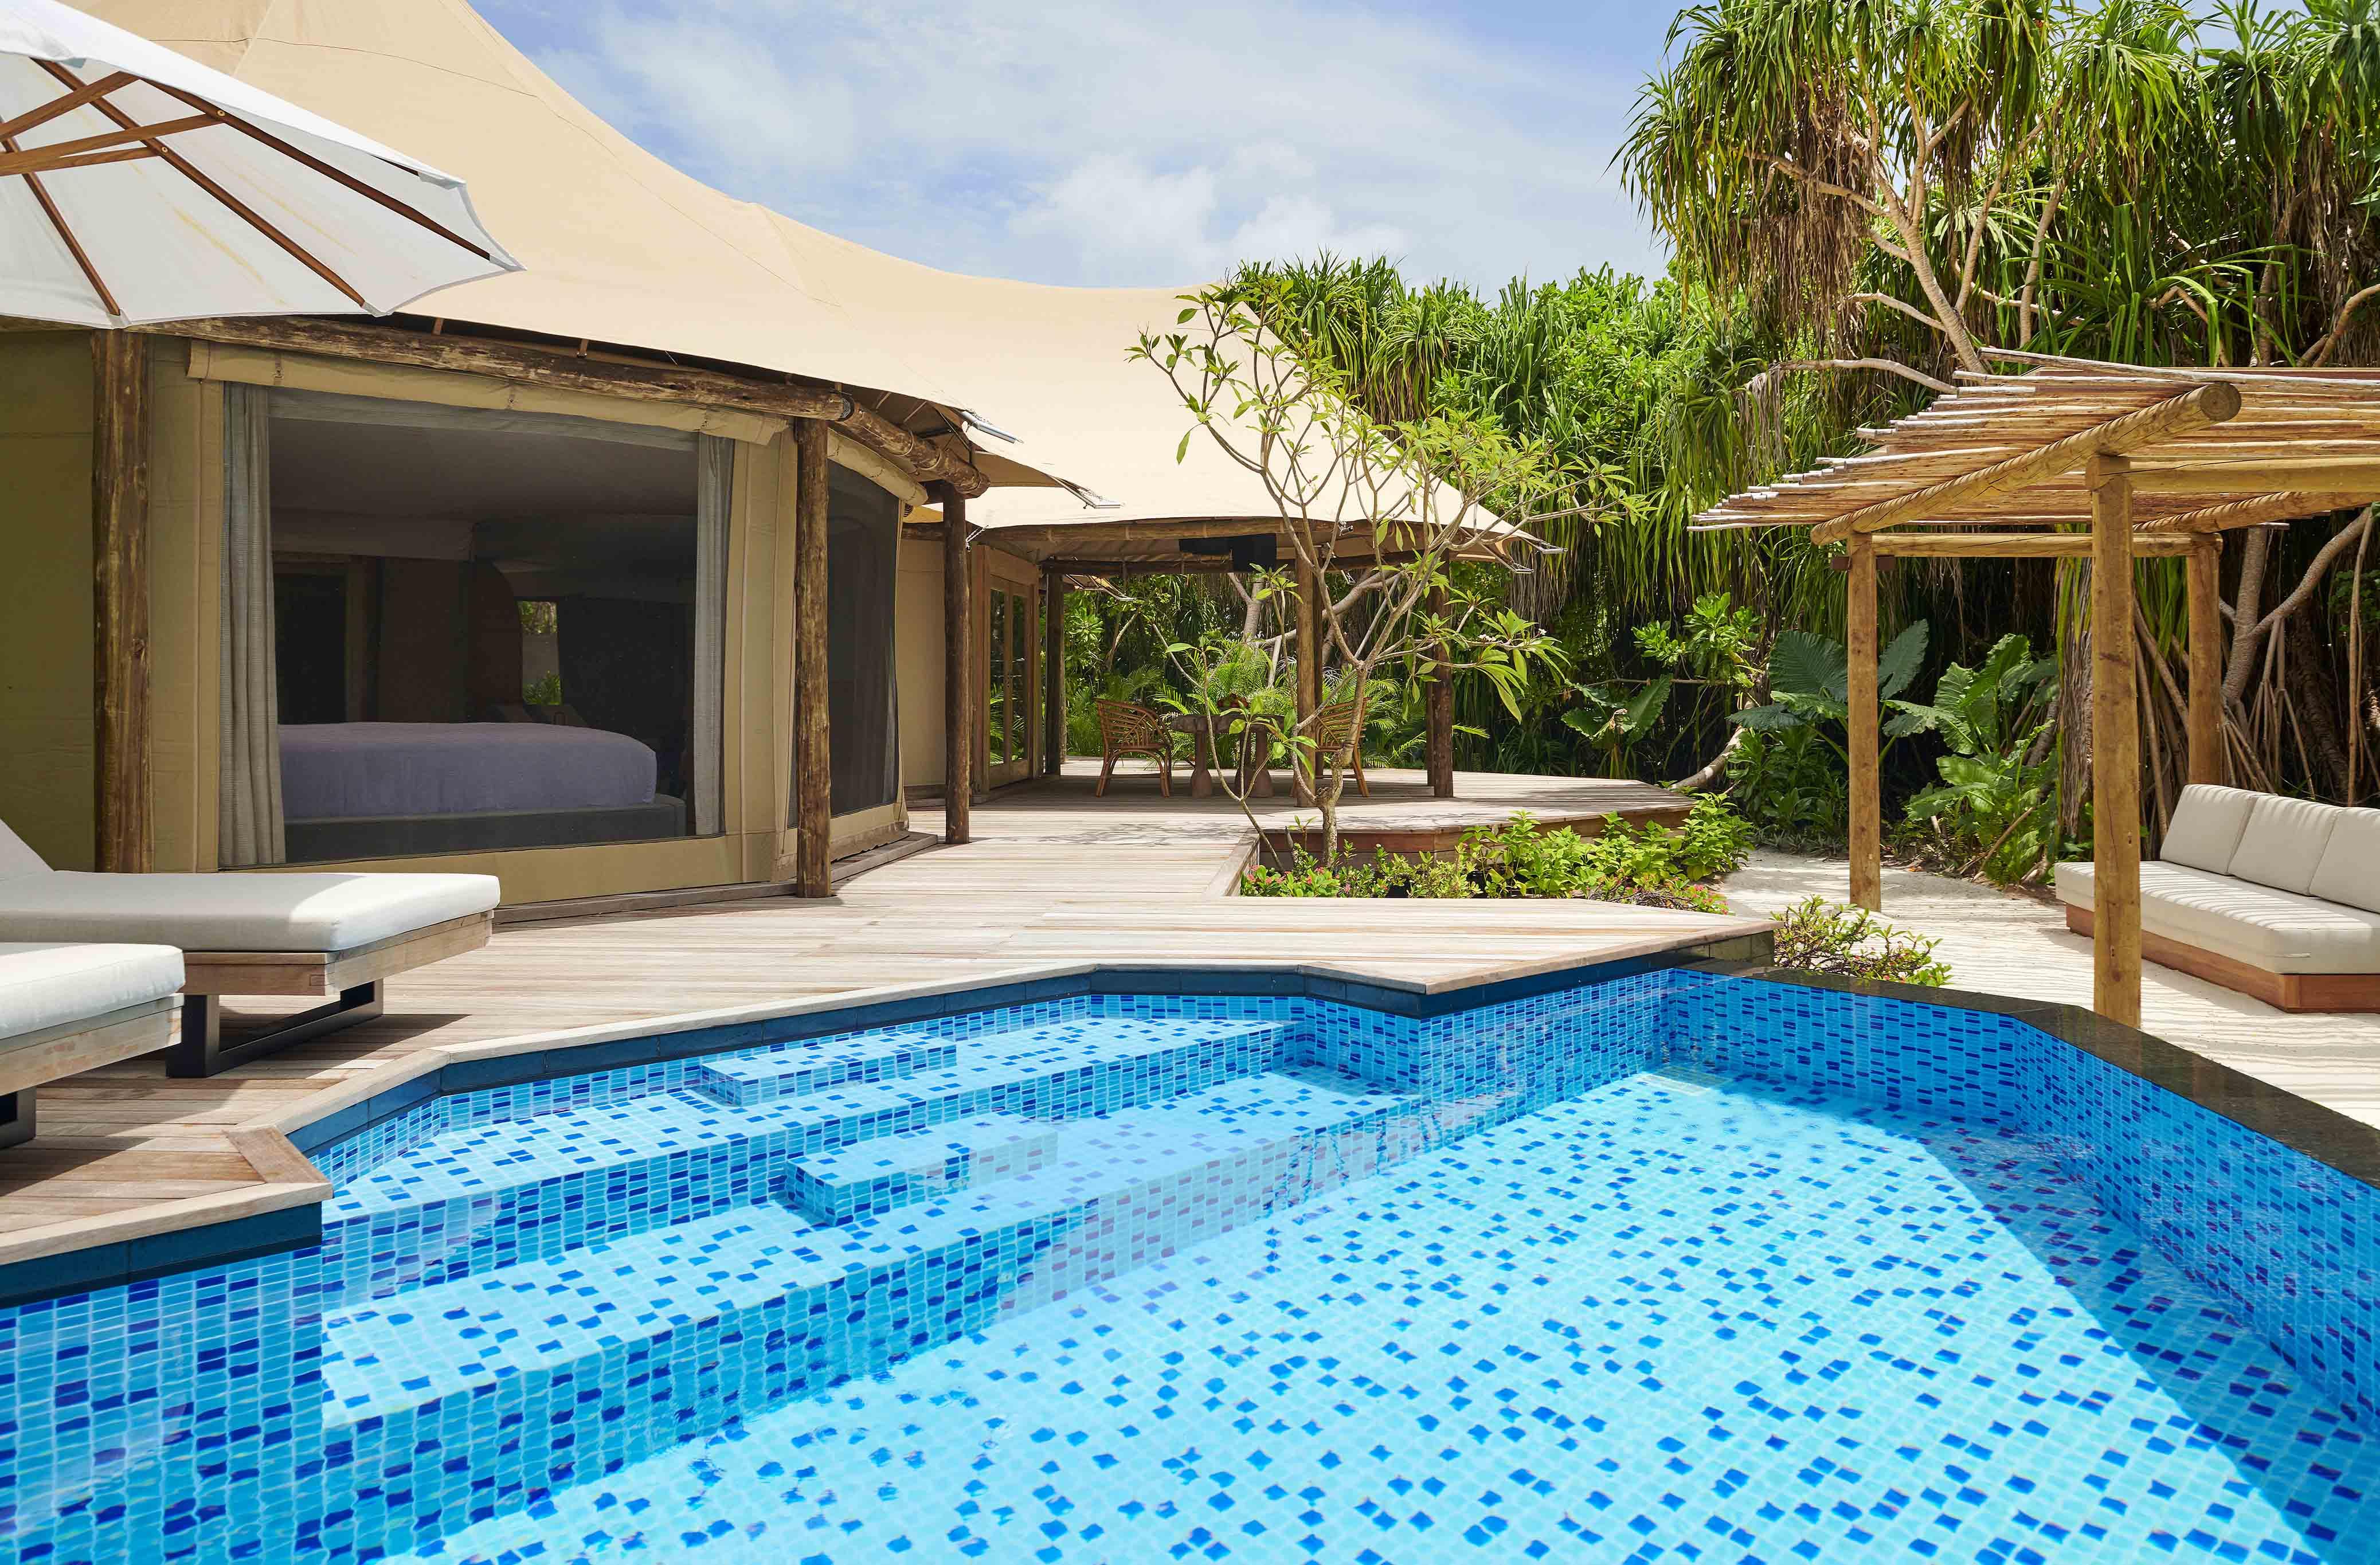 Luxury Tented Jungle Villa pool